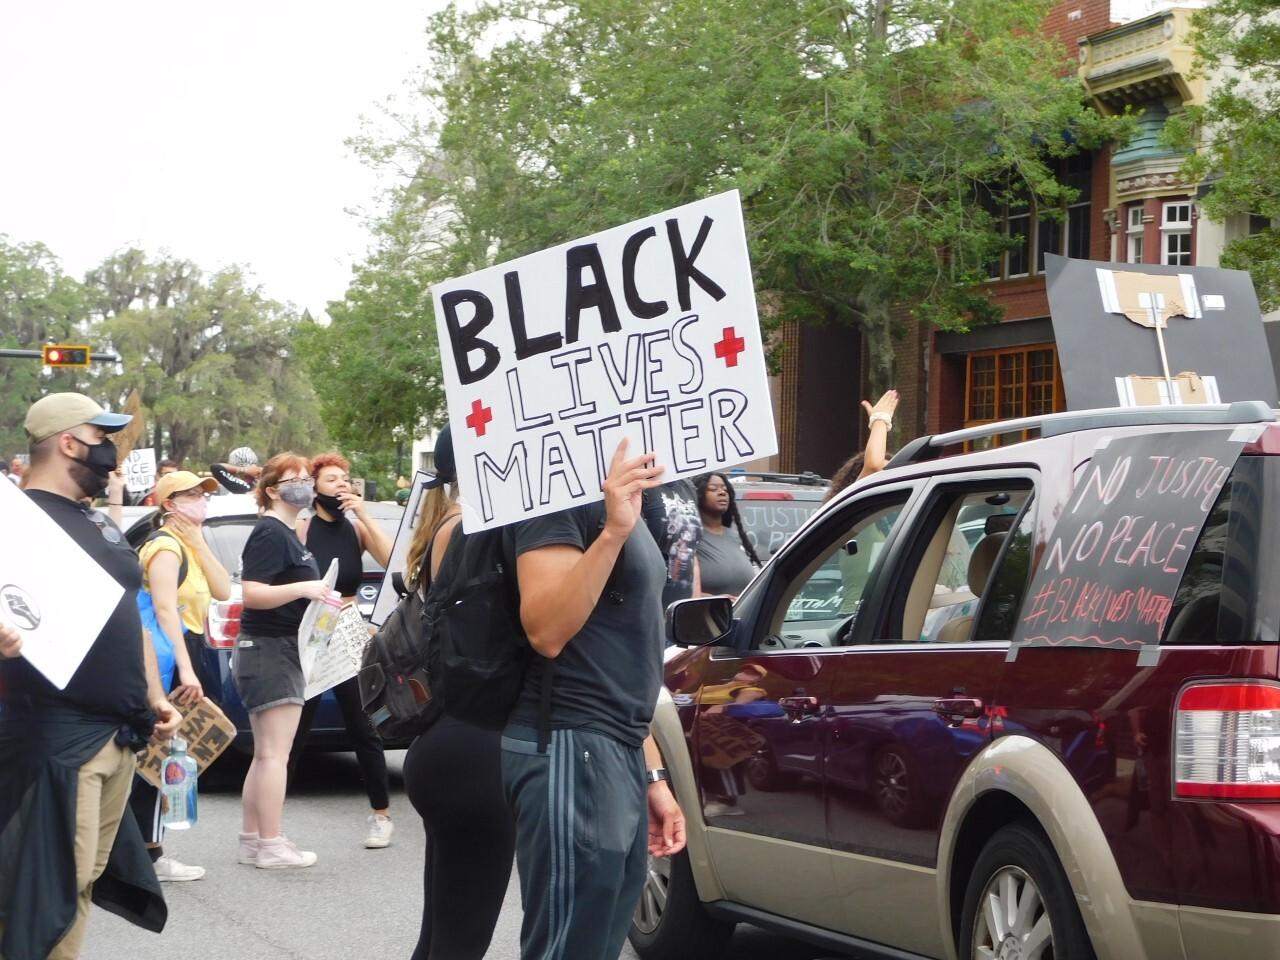 Justice for Humanity walk, Black Lives Matter sign